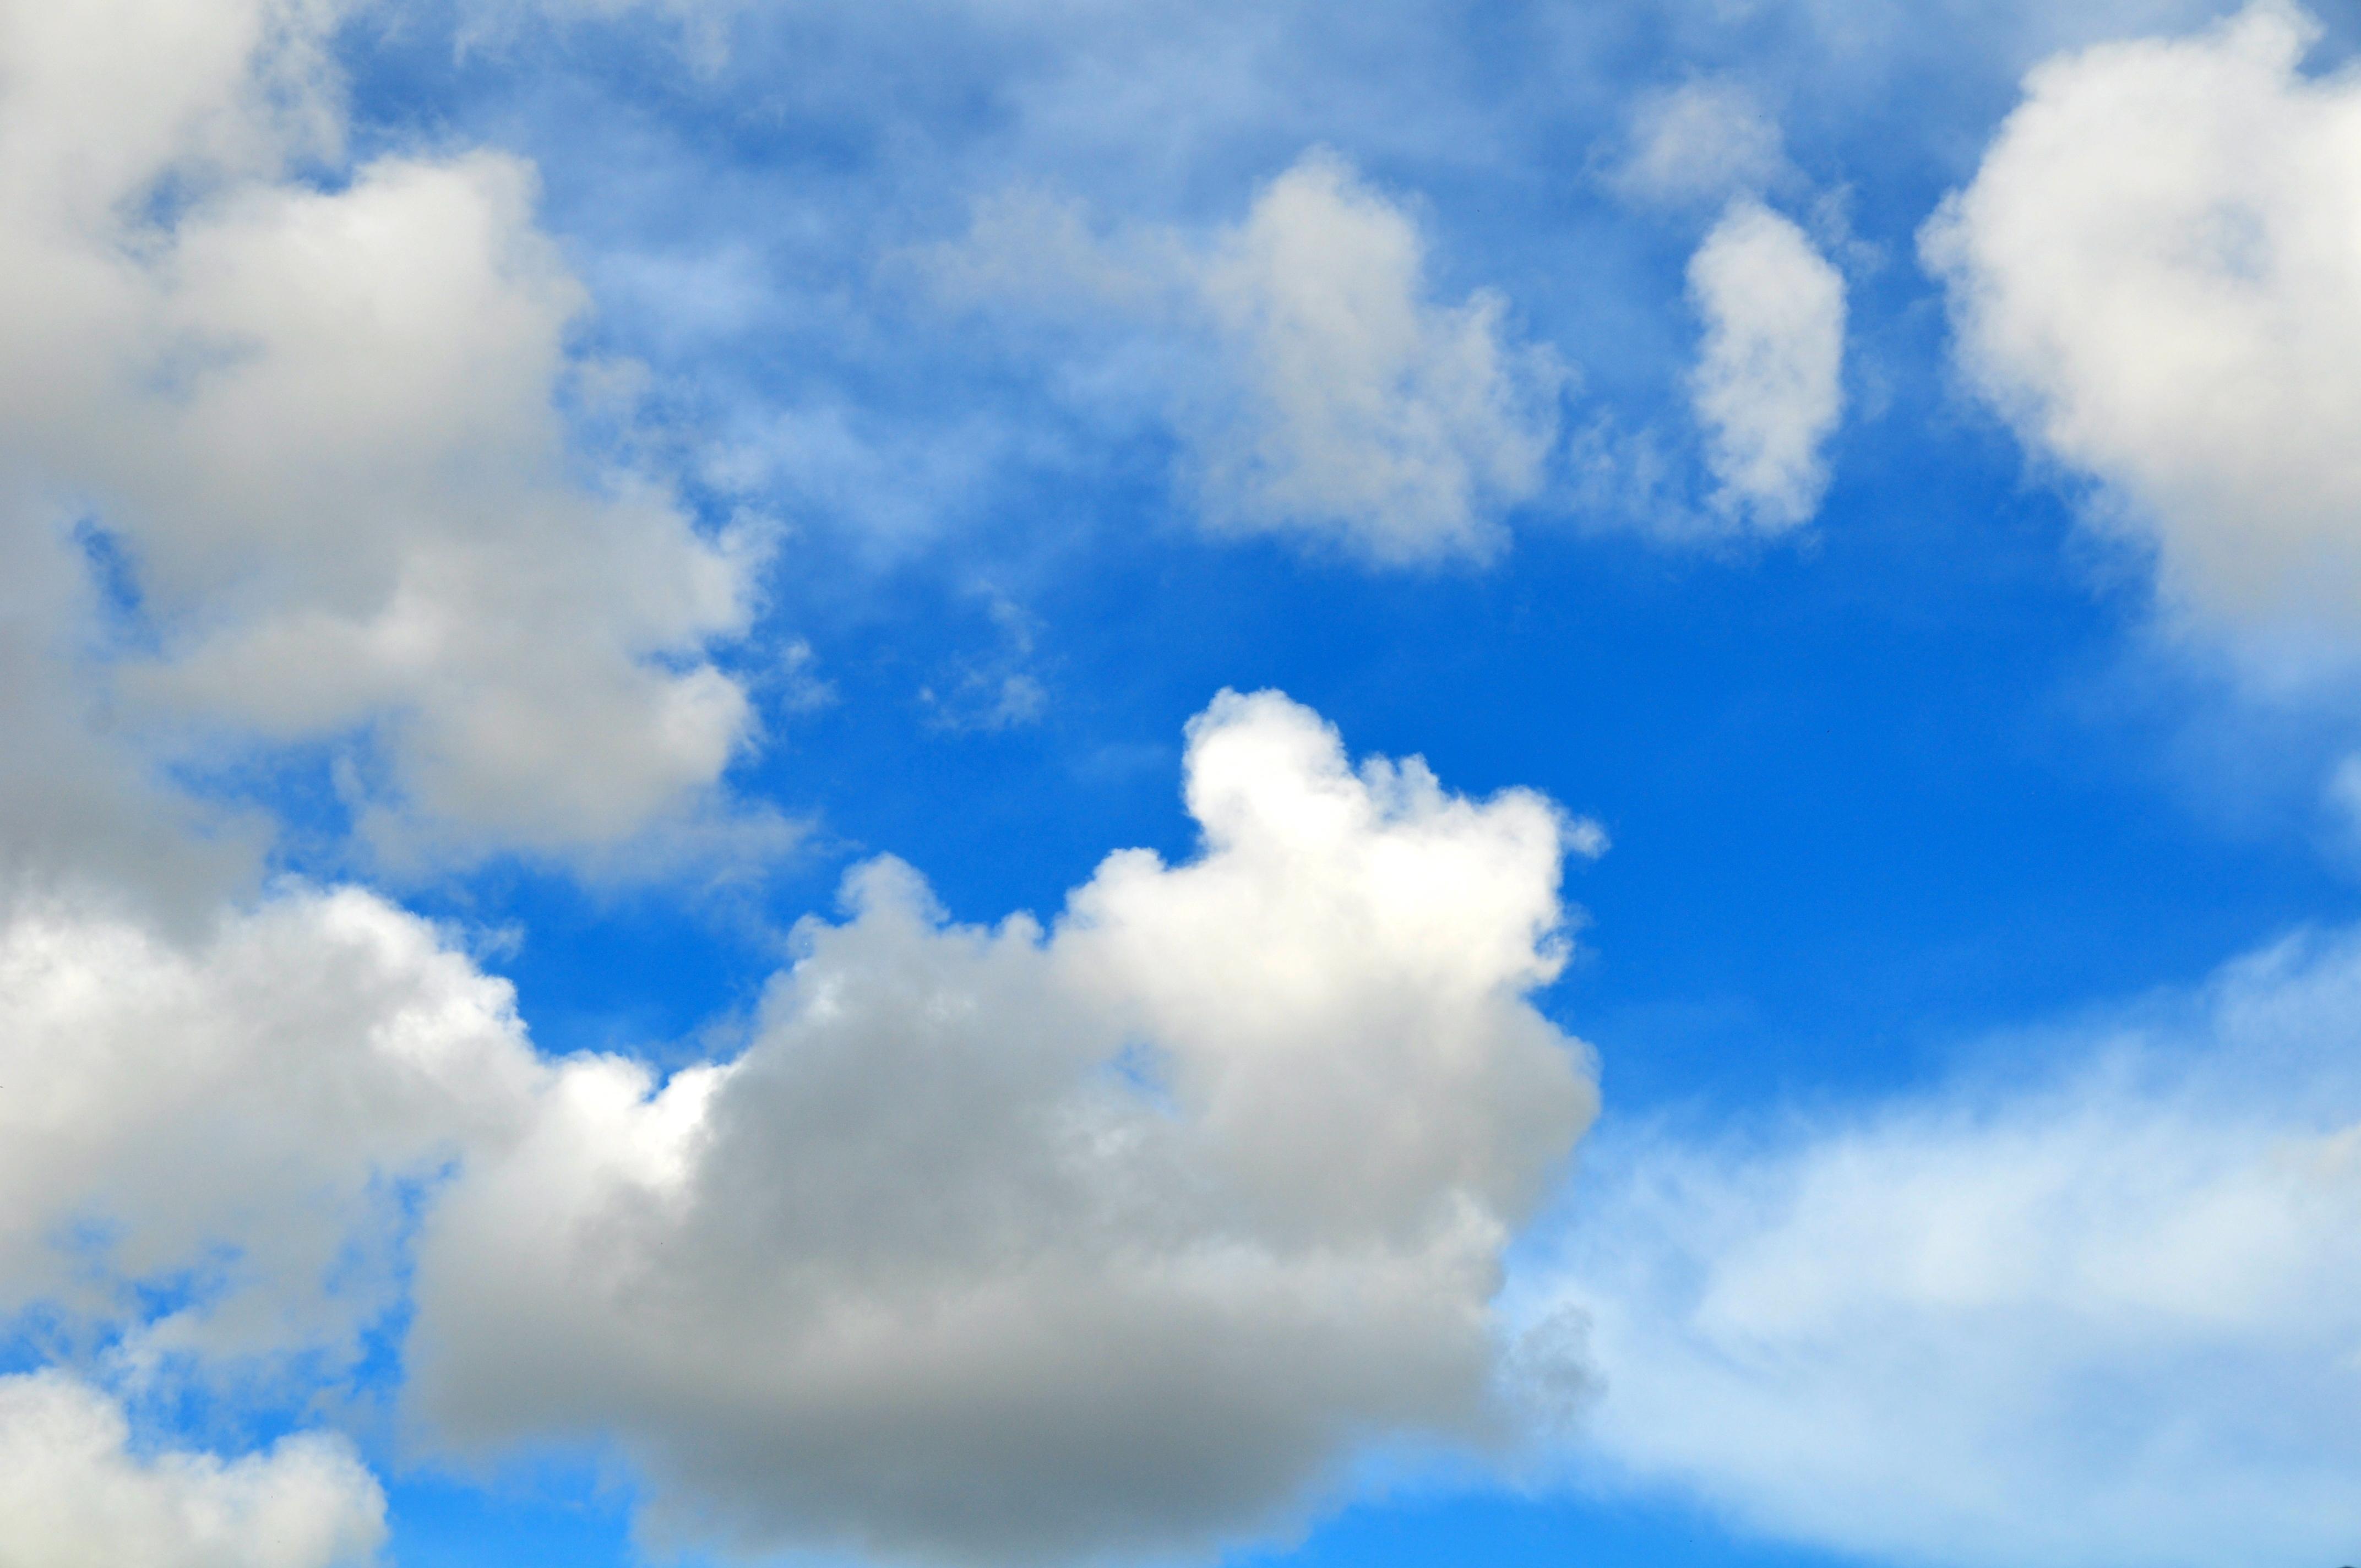 Fotos E Imagenes Cielo Azul Con Nubes: Cielo Con Nubes Wallpaper